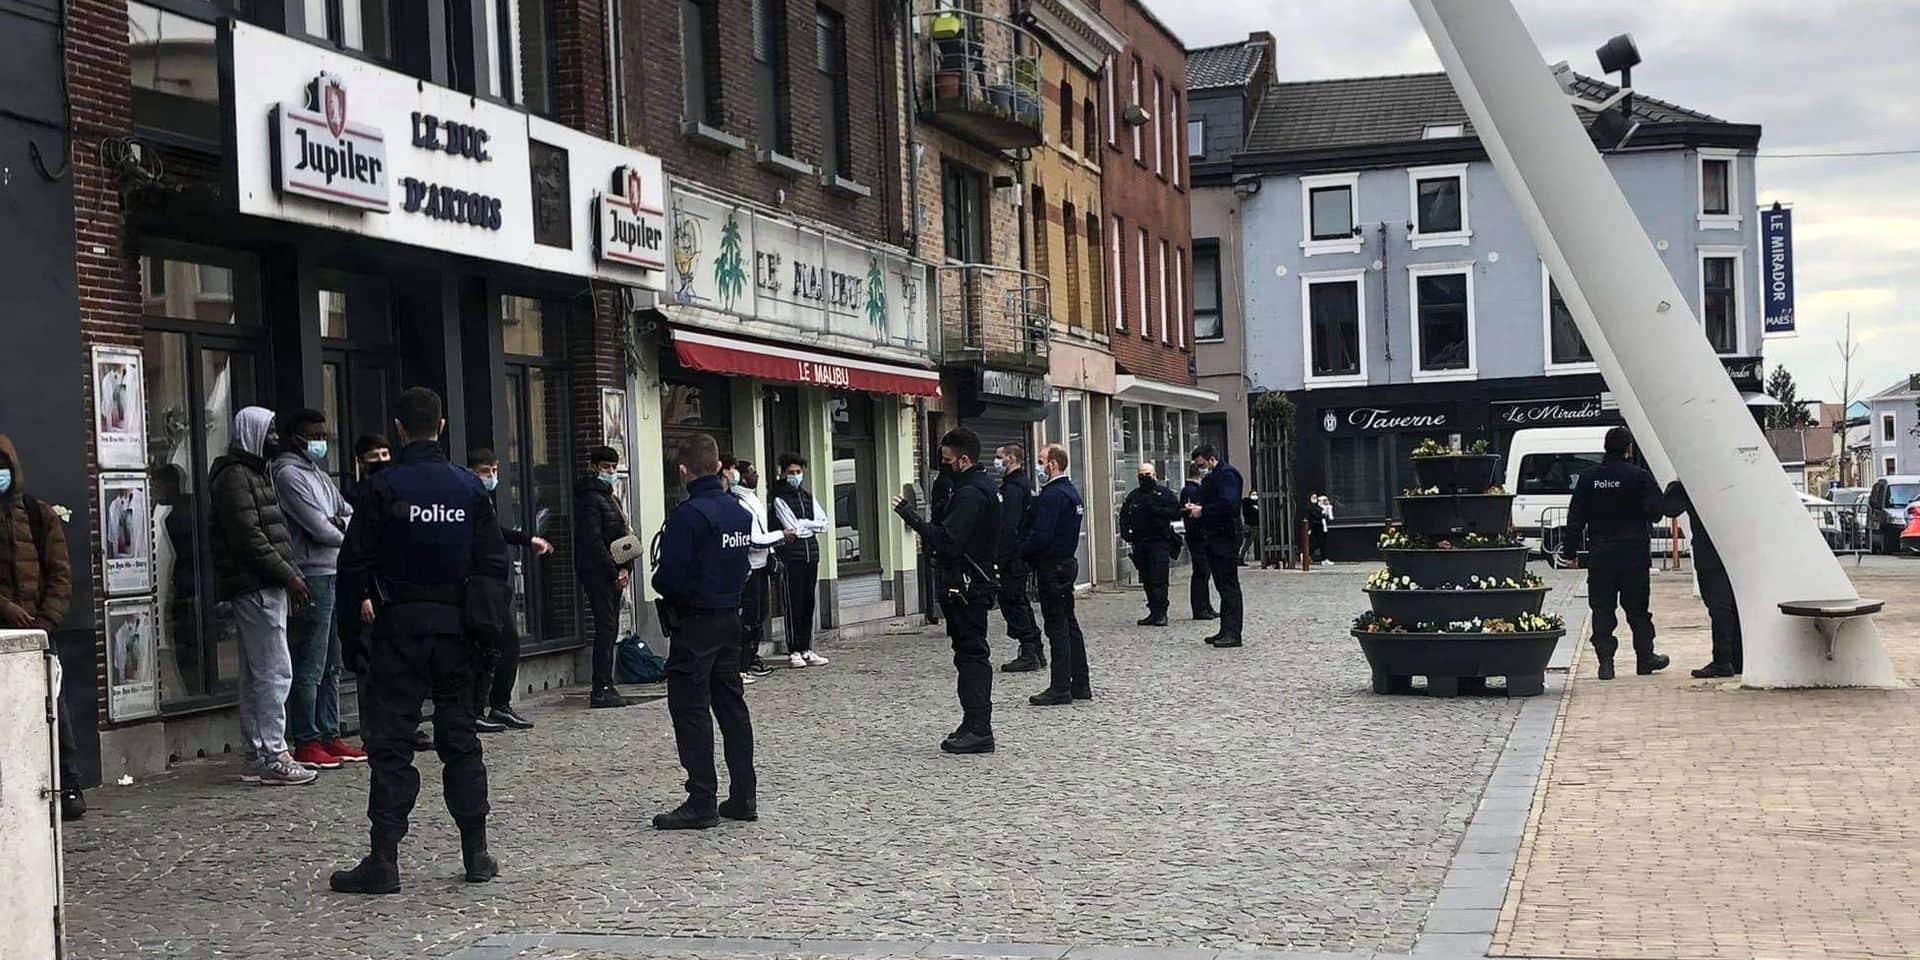 """Affrontements entre bandes urbaines: des contrôles """"massifs"""" opérés dans le centre-ville de La Louvière"""